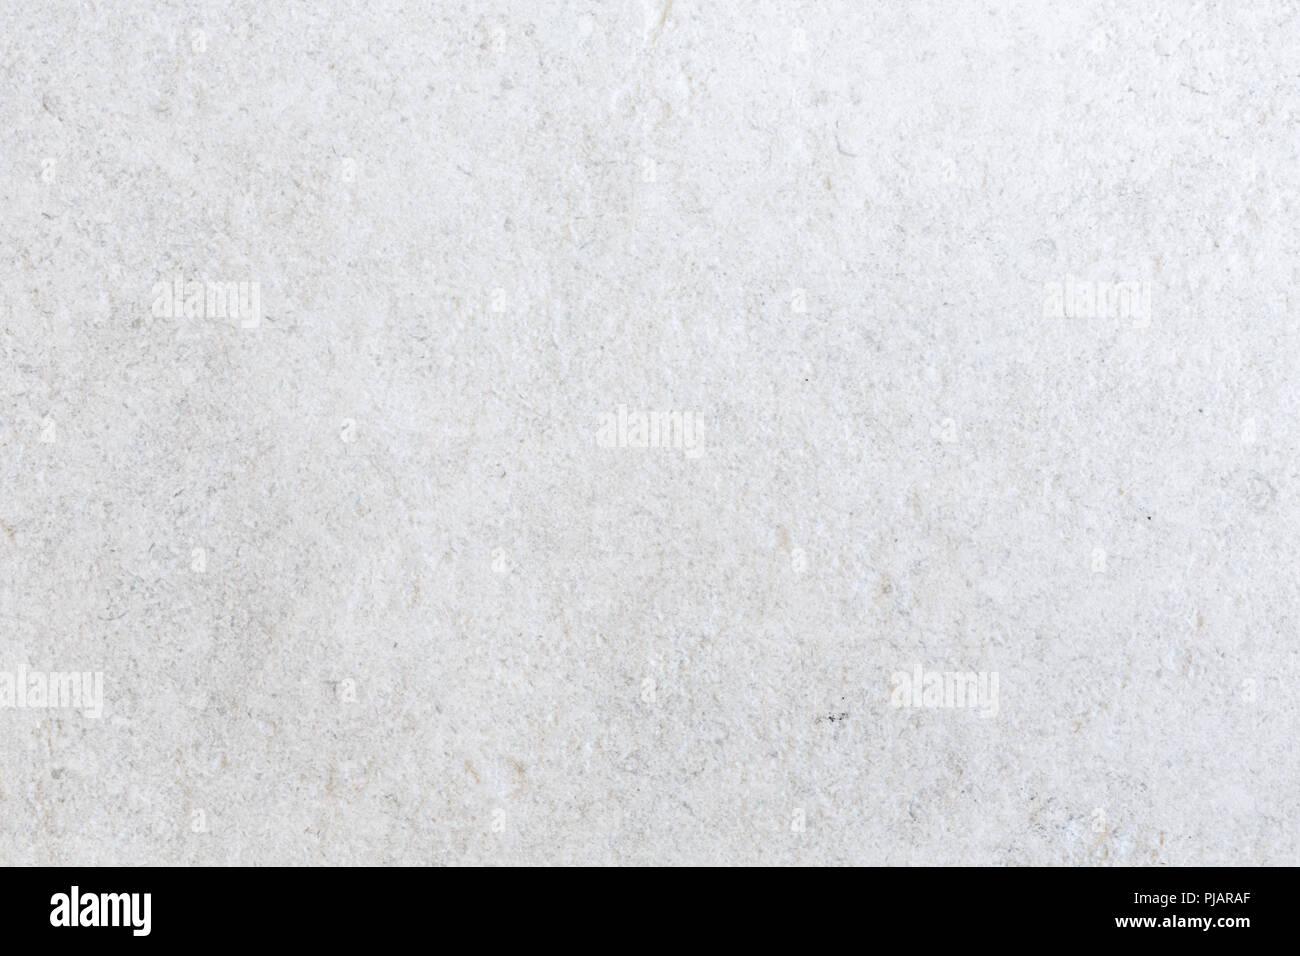 Primo piano di colore neutro texture pattern su un effetto di pietra